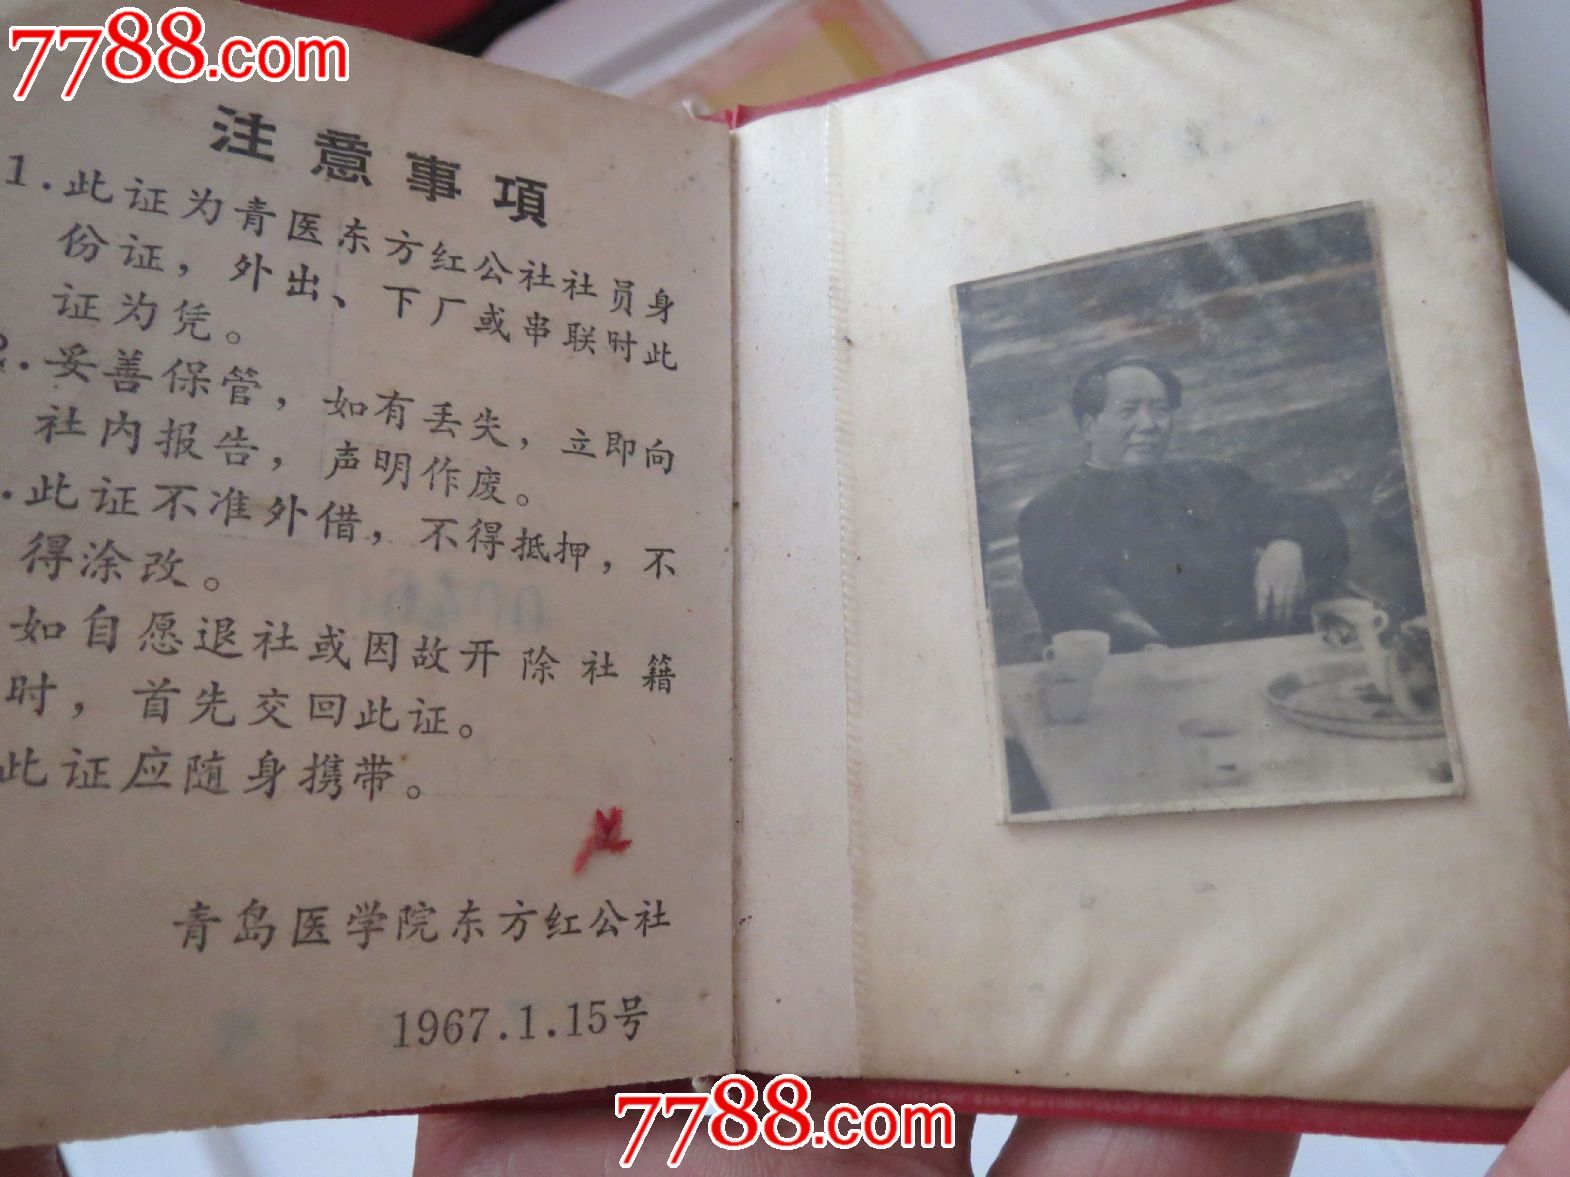 青岛医学院东方红社员证